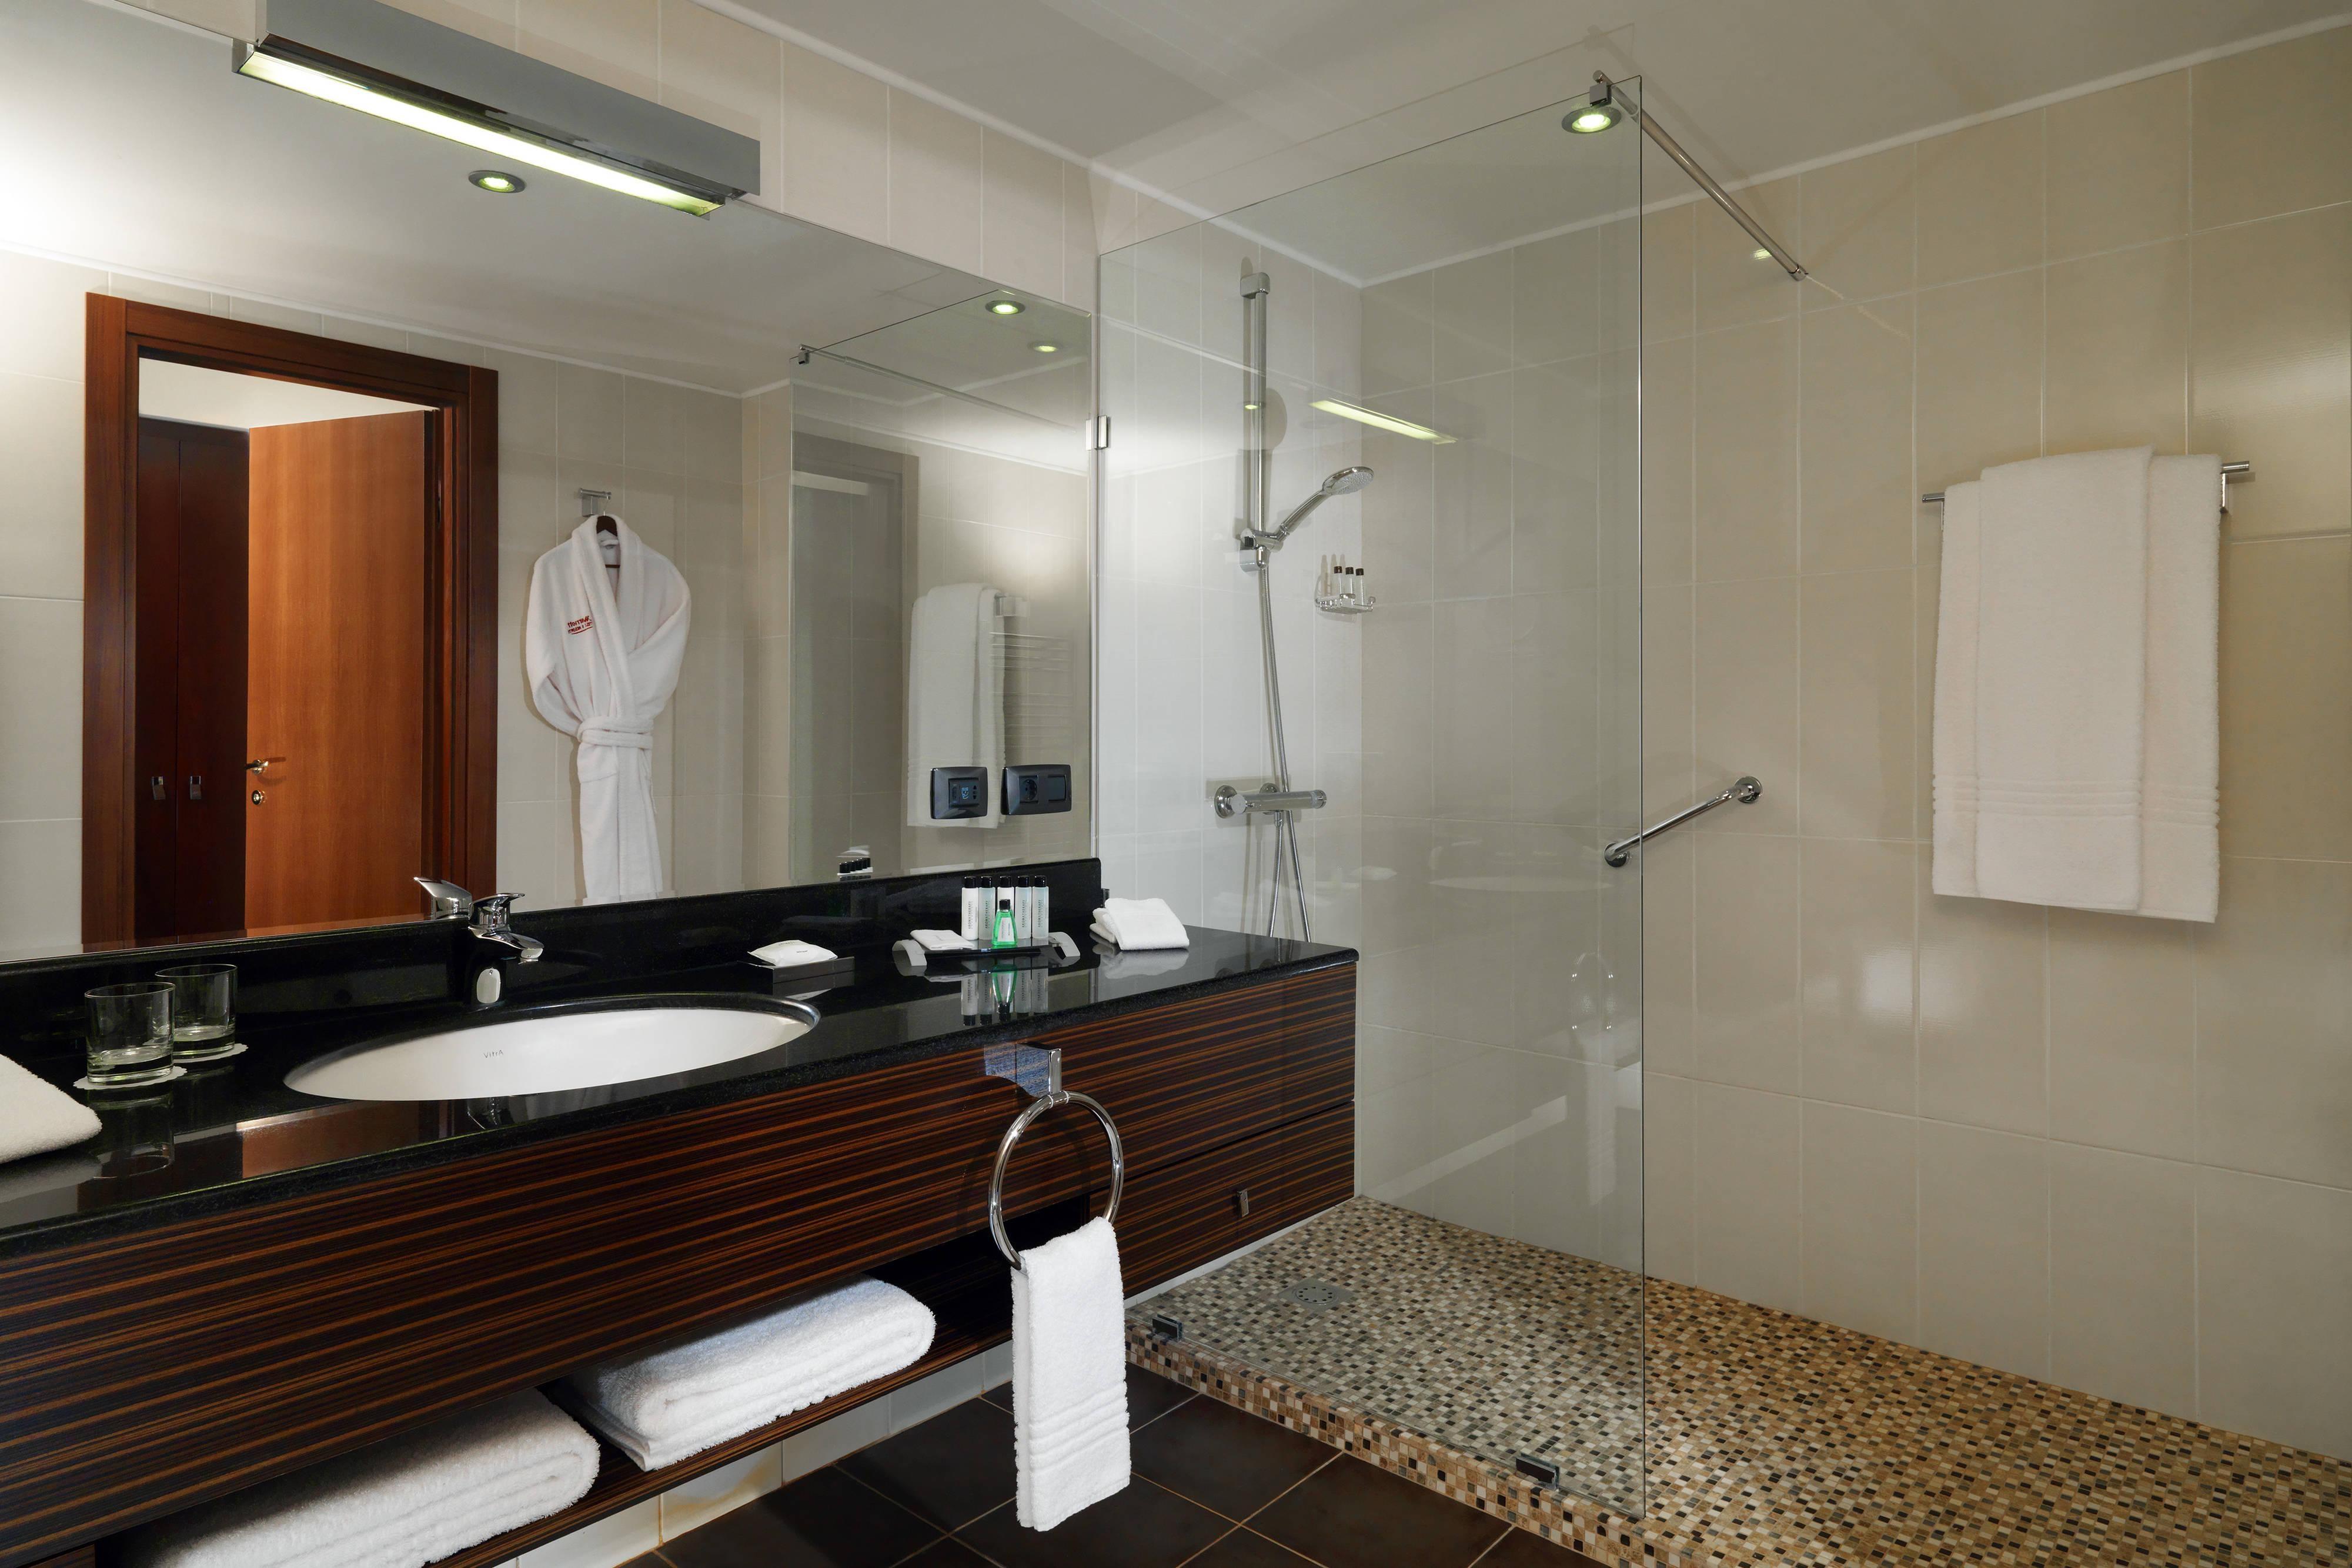 Ванная комната в номере отеля Marriott в Цахкадзоре